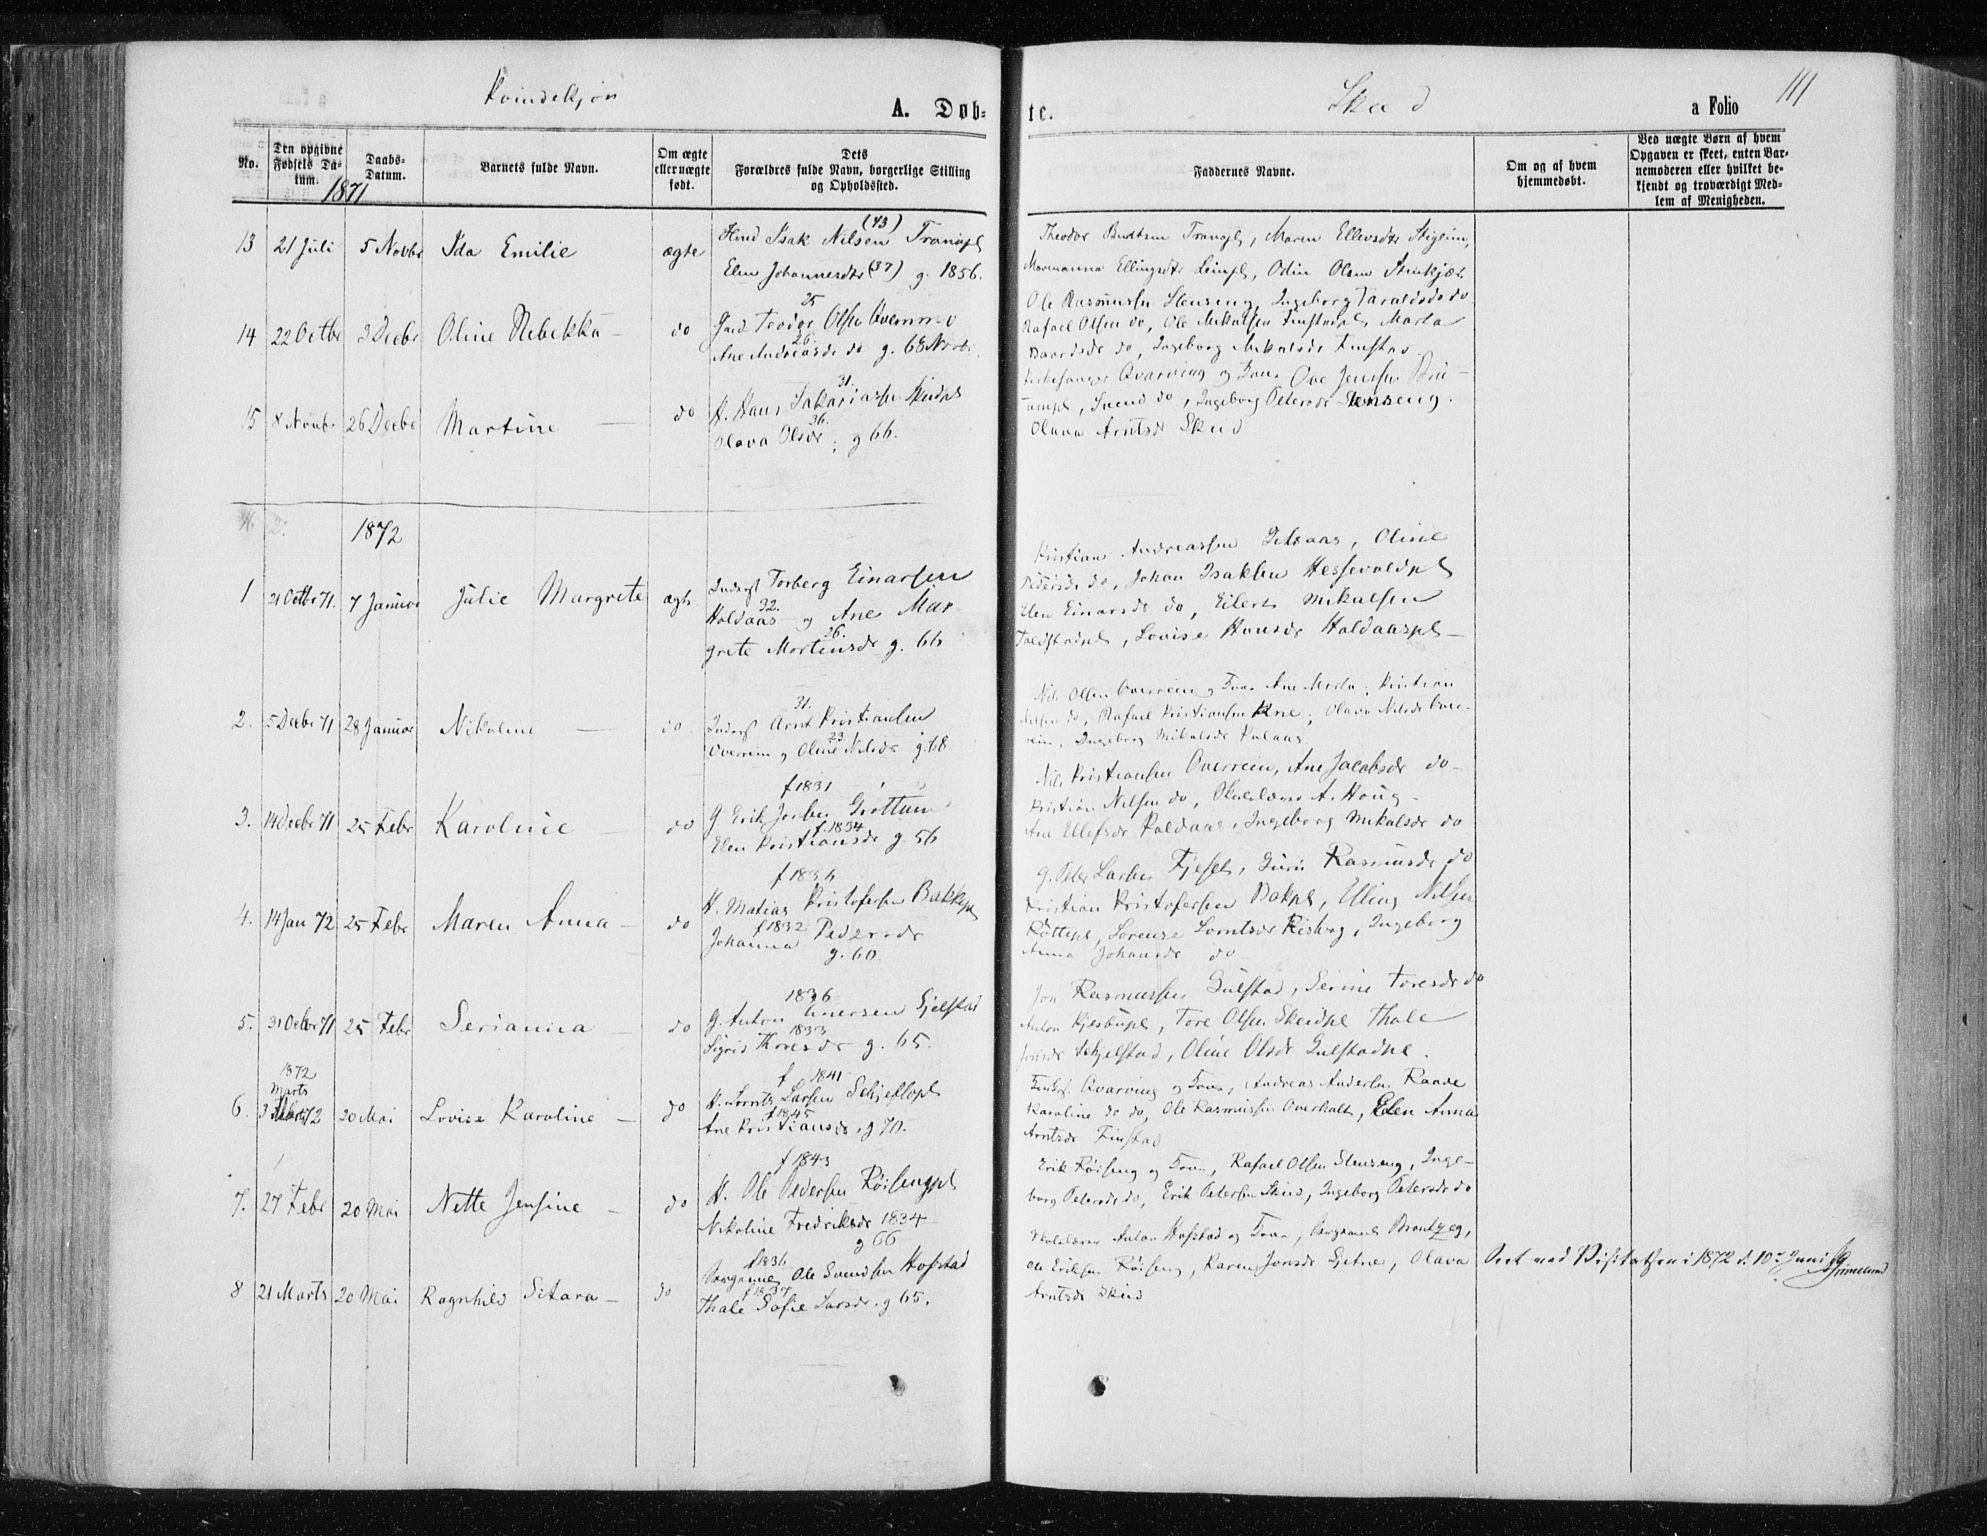 SAT, Ministerialprotokoller, klokkerbøker og fødselsregistre - Nord-Trøndelag, 735/L0345: Ministerialbok nr. 735A08 /2, 1863-1872, s. 111